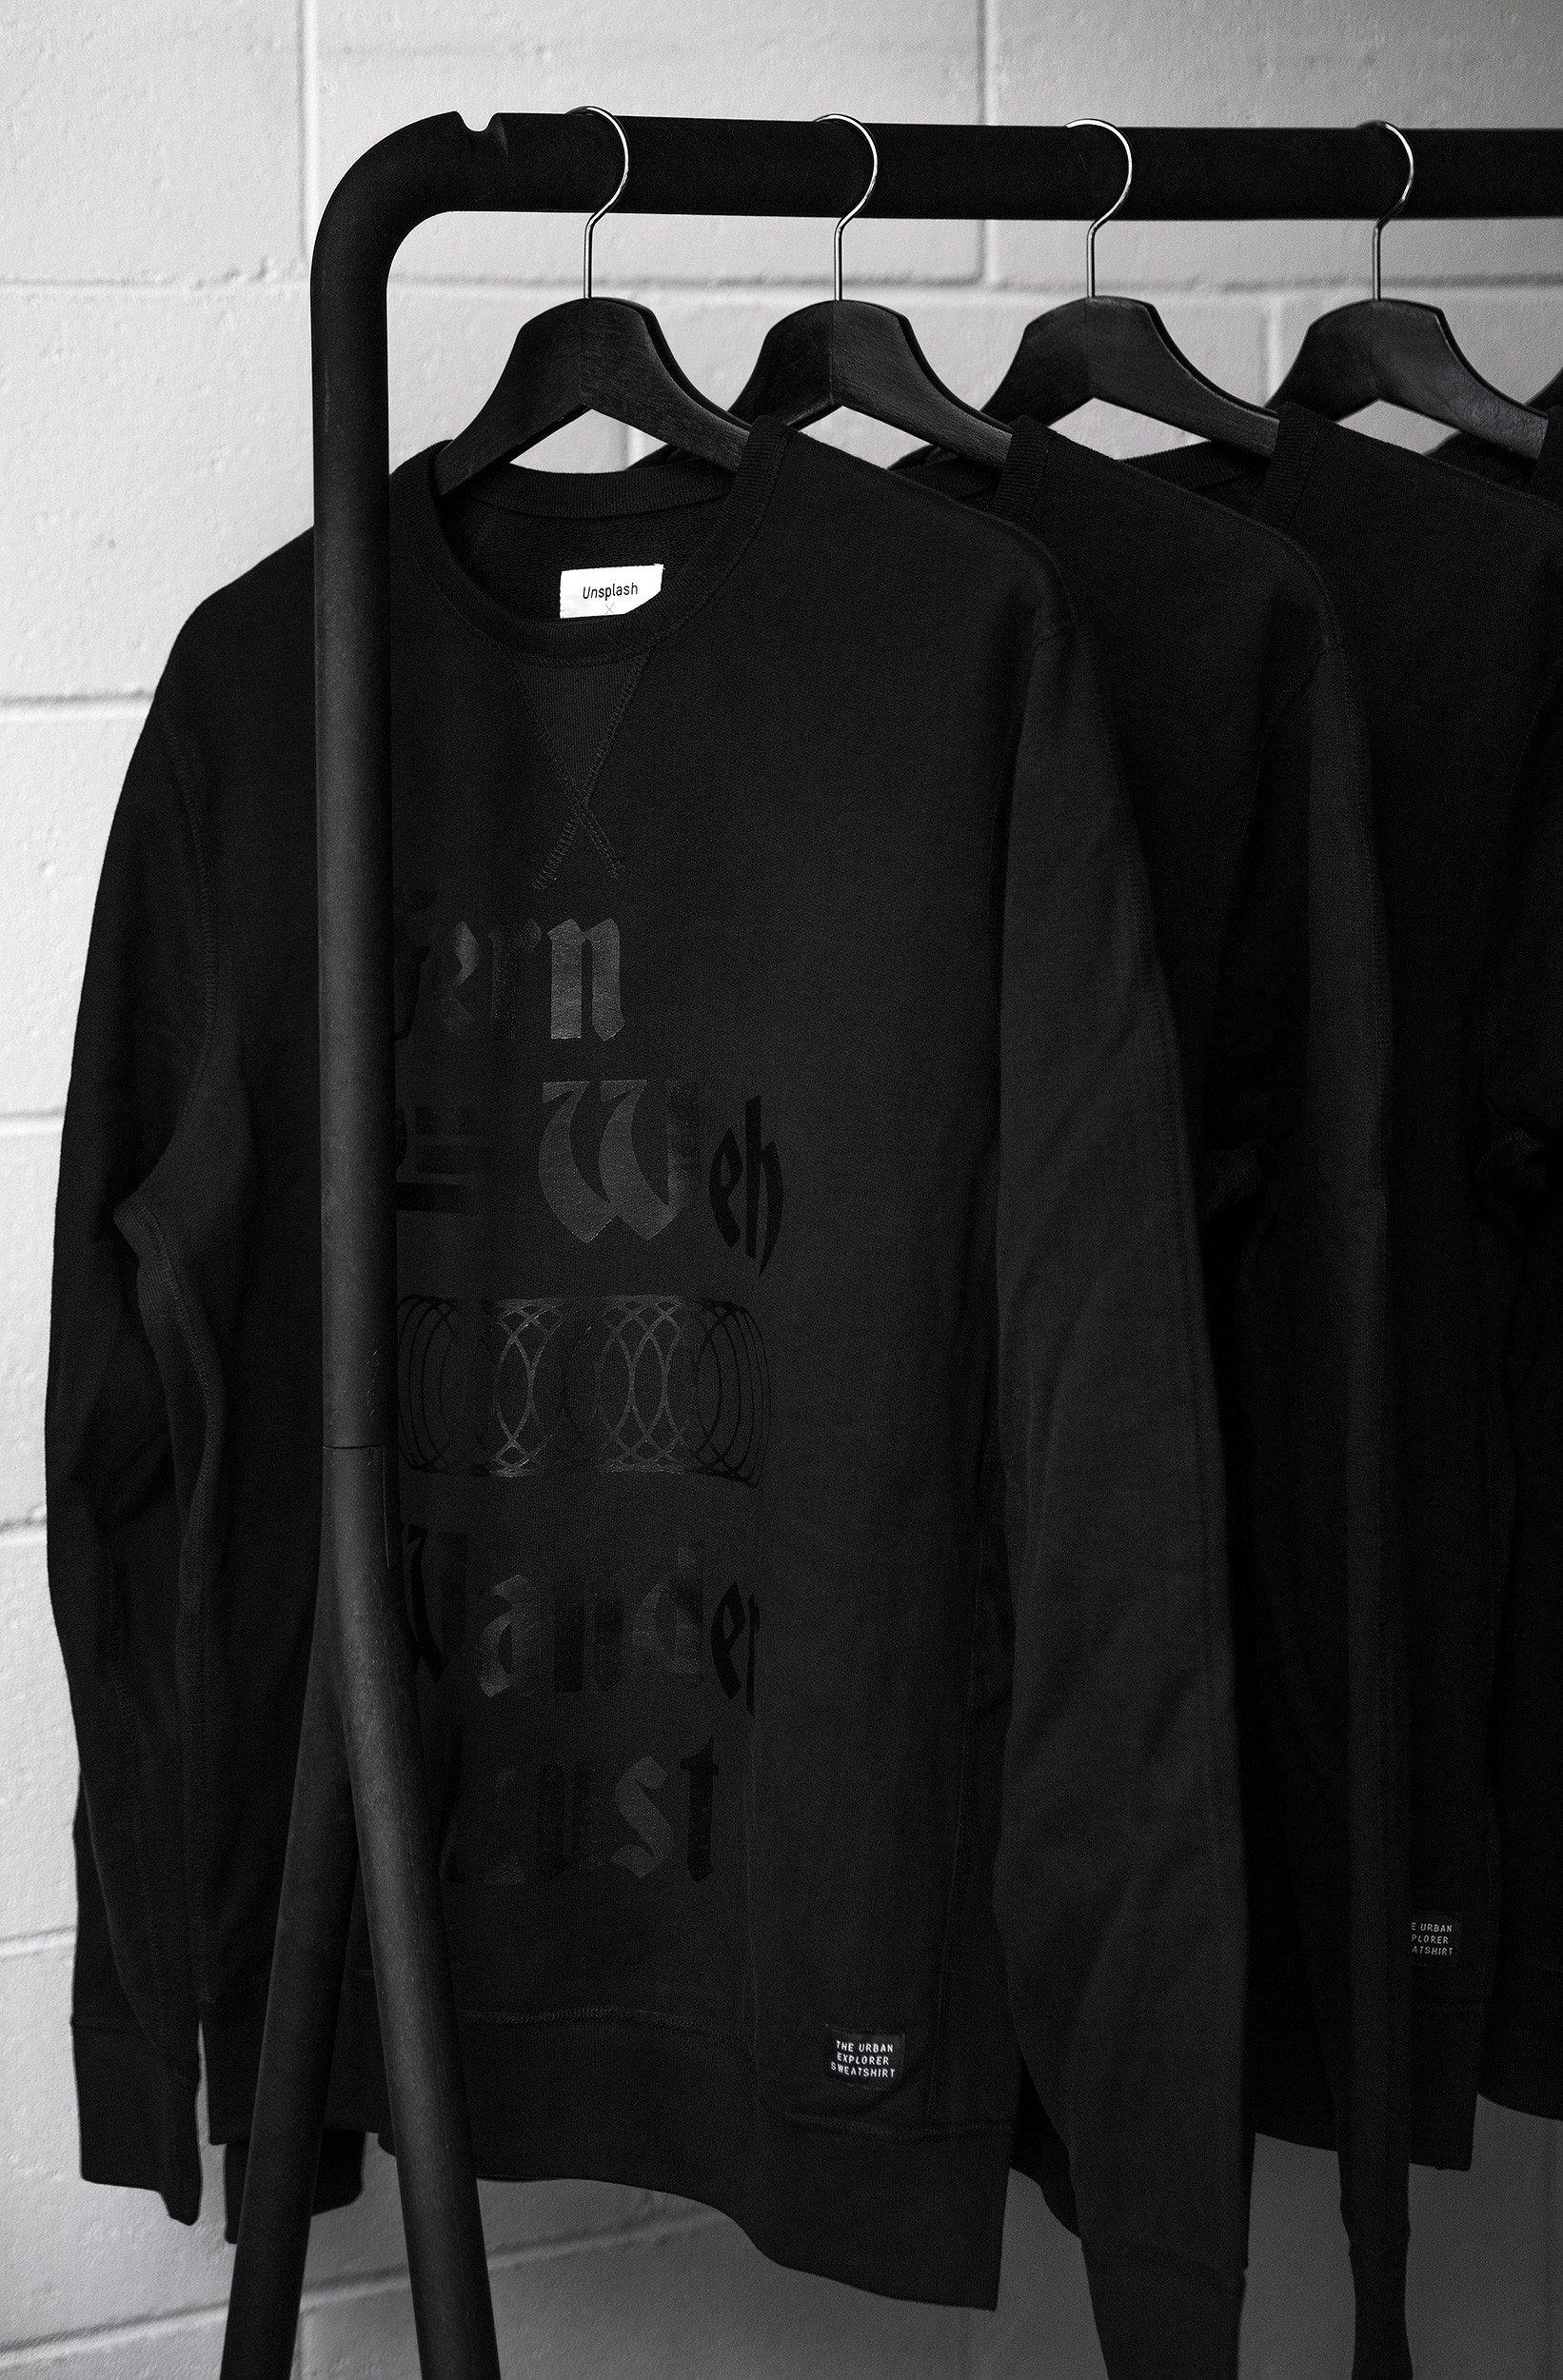 Unsplash X VanSchneider: Limited Edition The Urban Explorer Sweatshirt